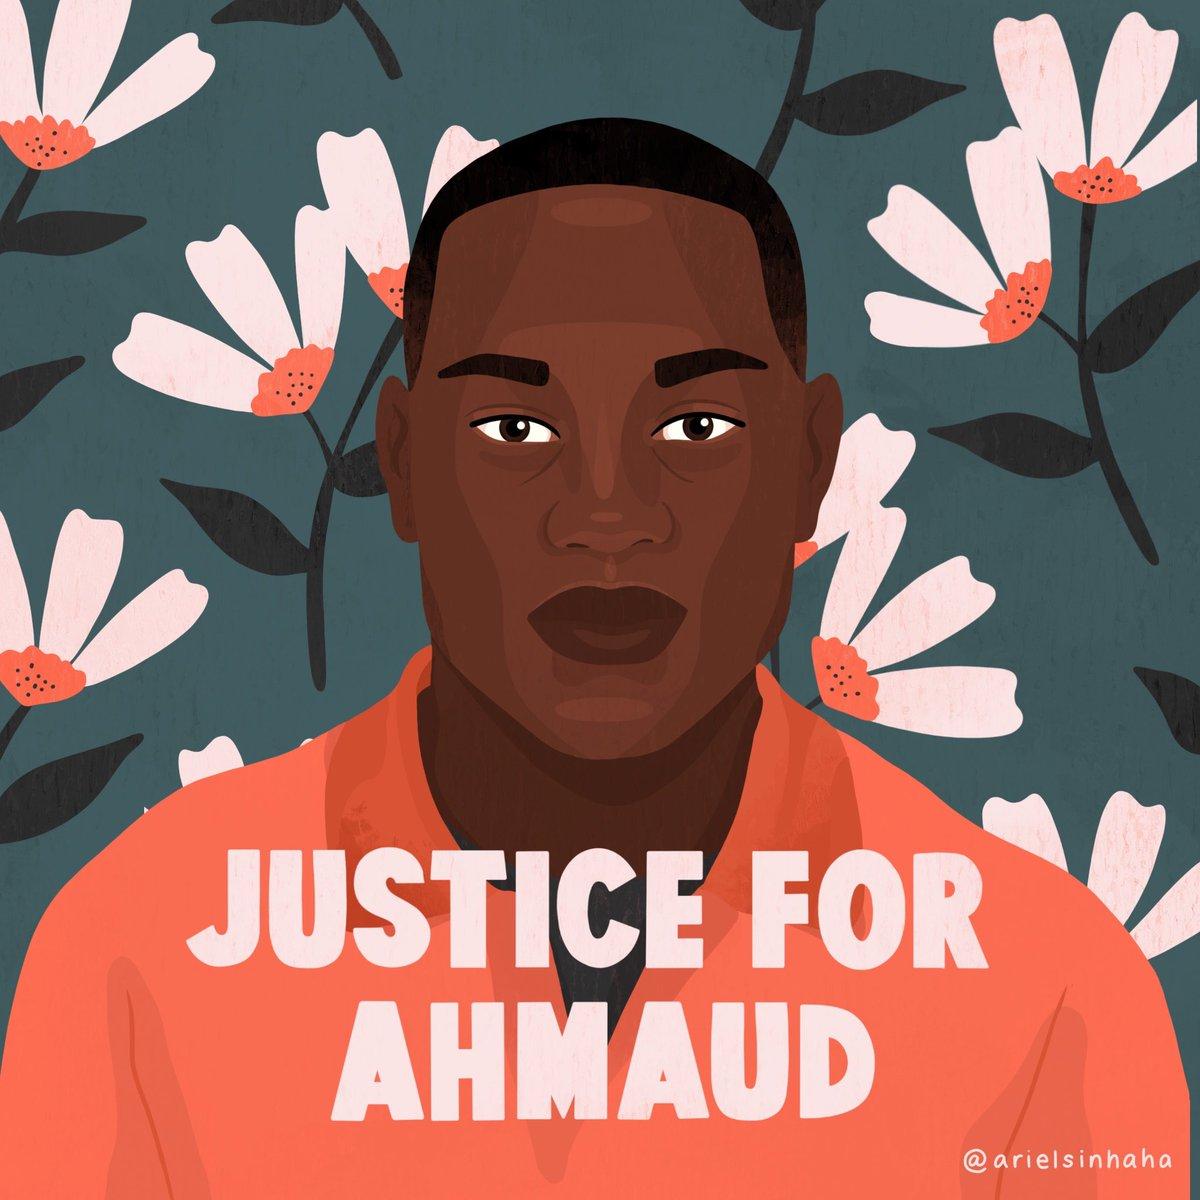 Say his name. #AhmaudArbery